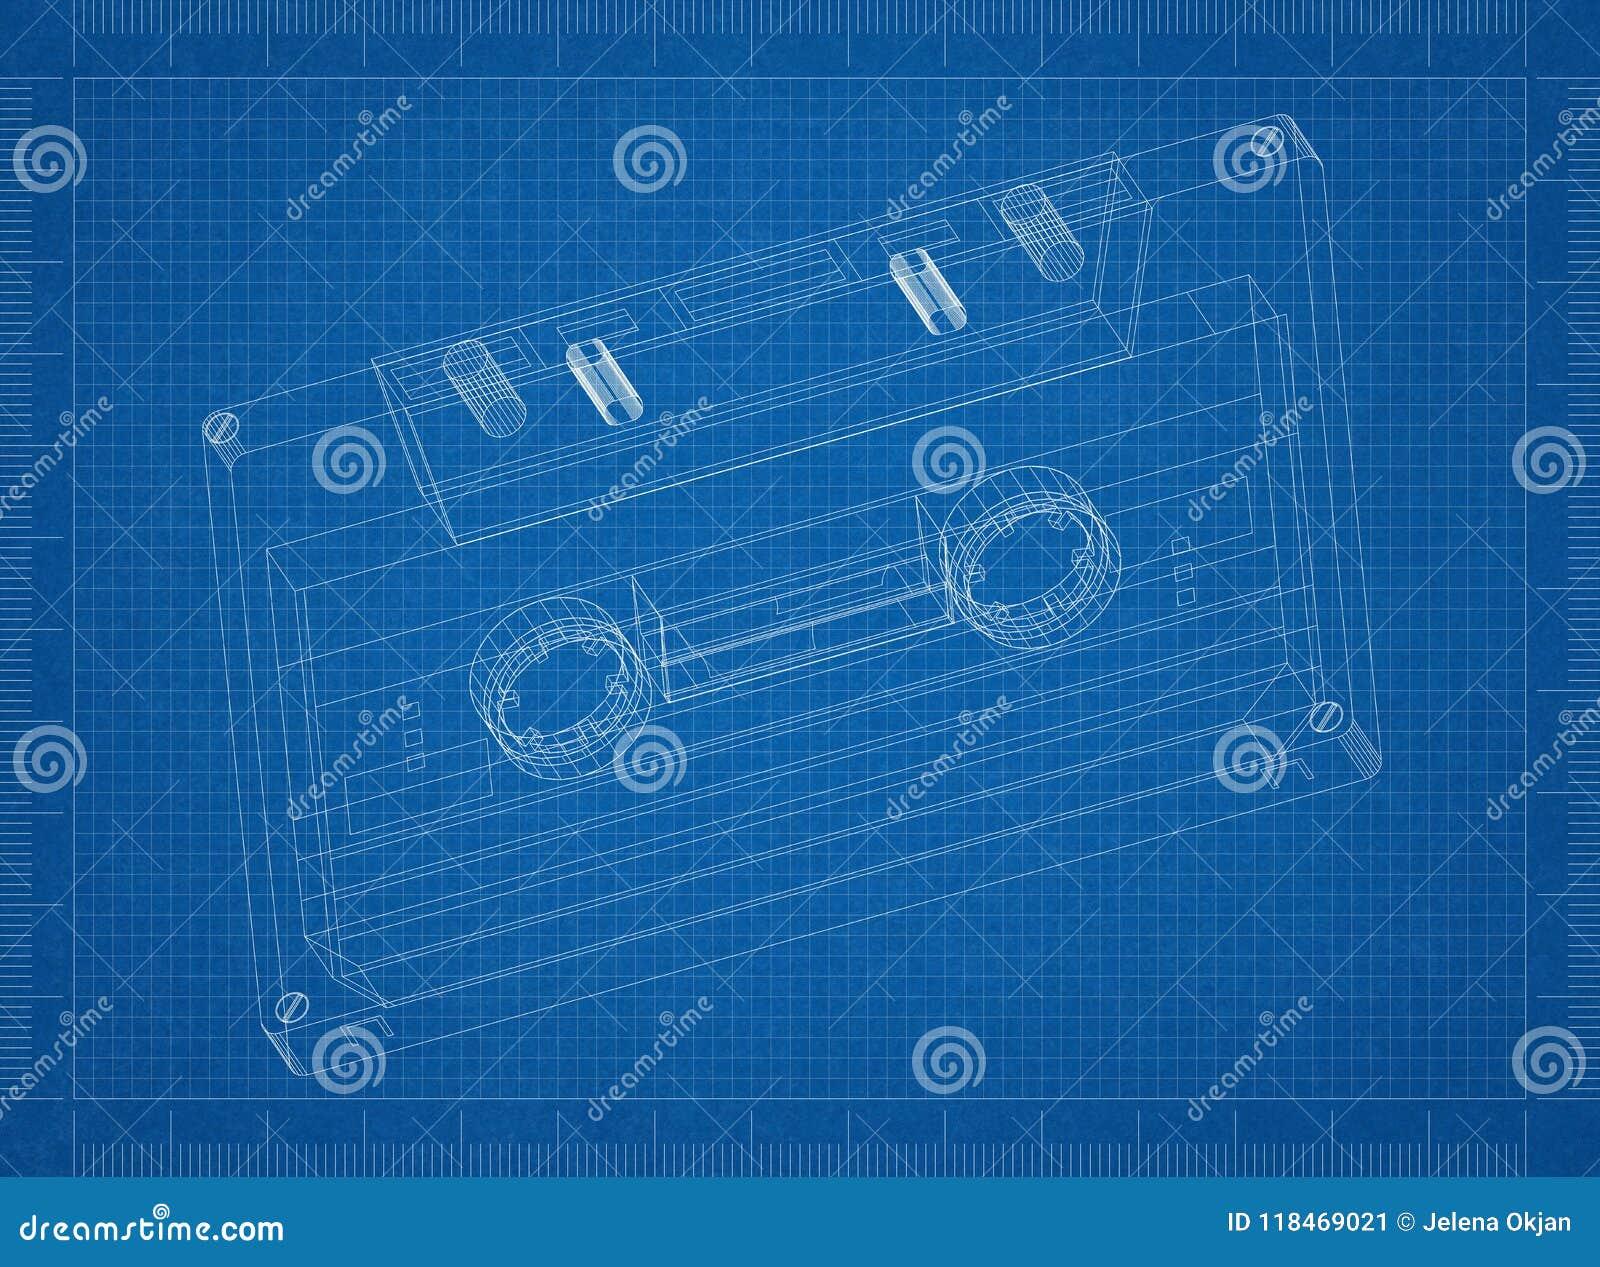 compact audio cassette architect blueprint